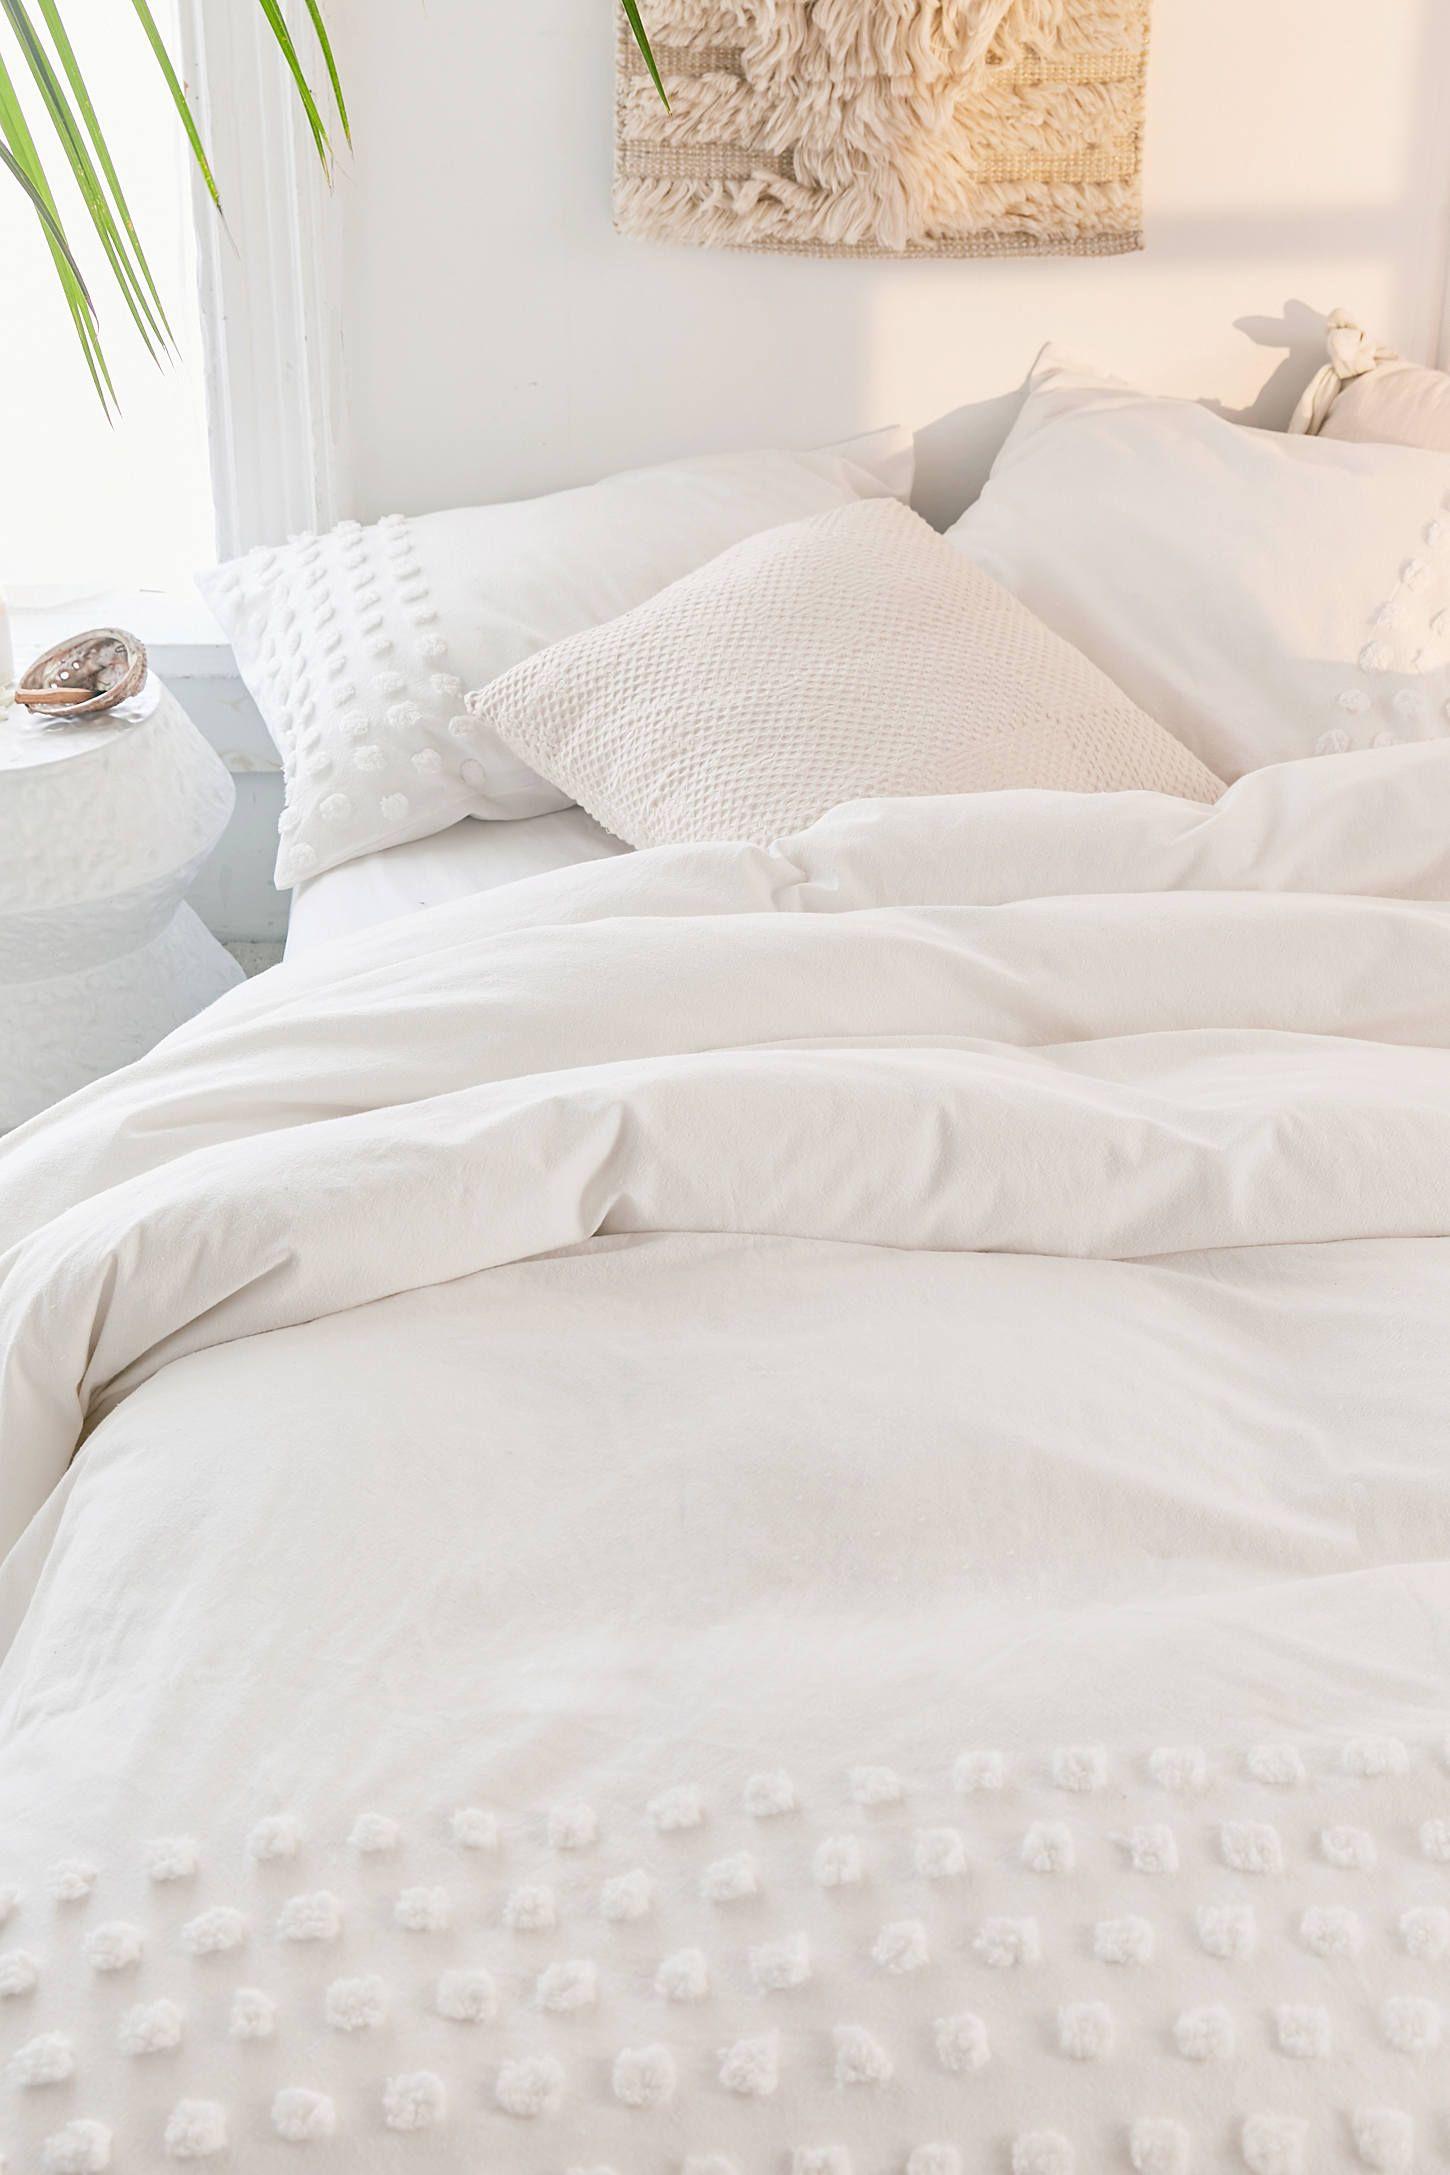 Tufted Dot Duvet Cover In 2021 White Comforter Bedroom Comfortable Bedding